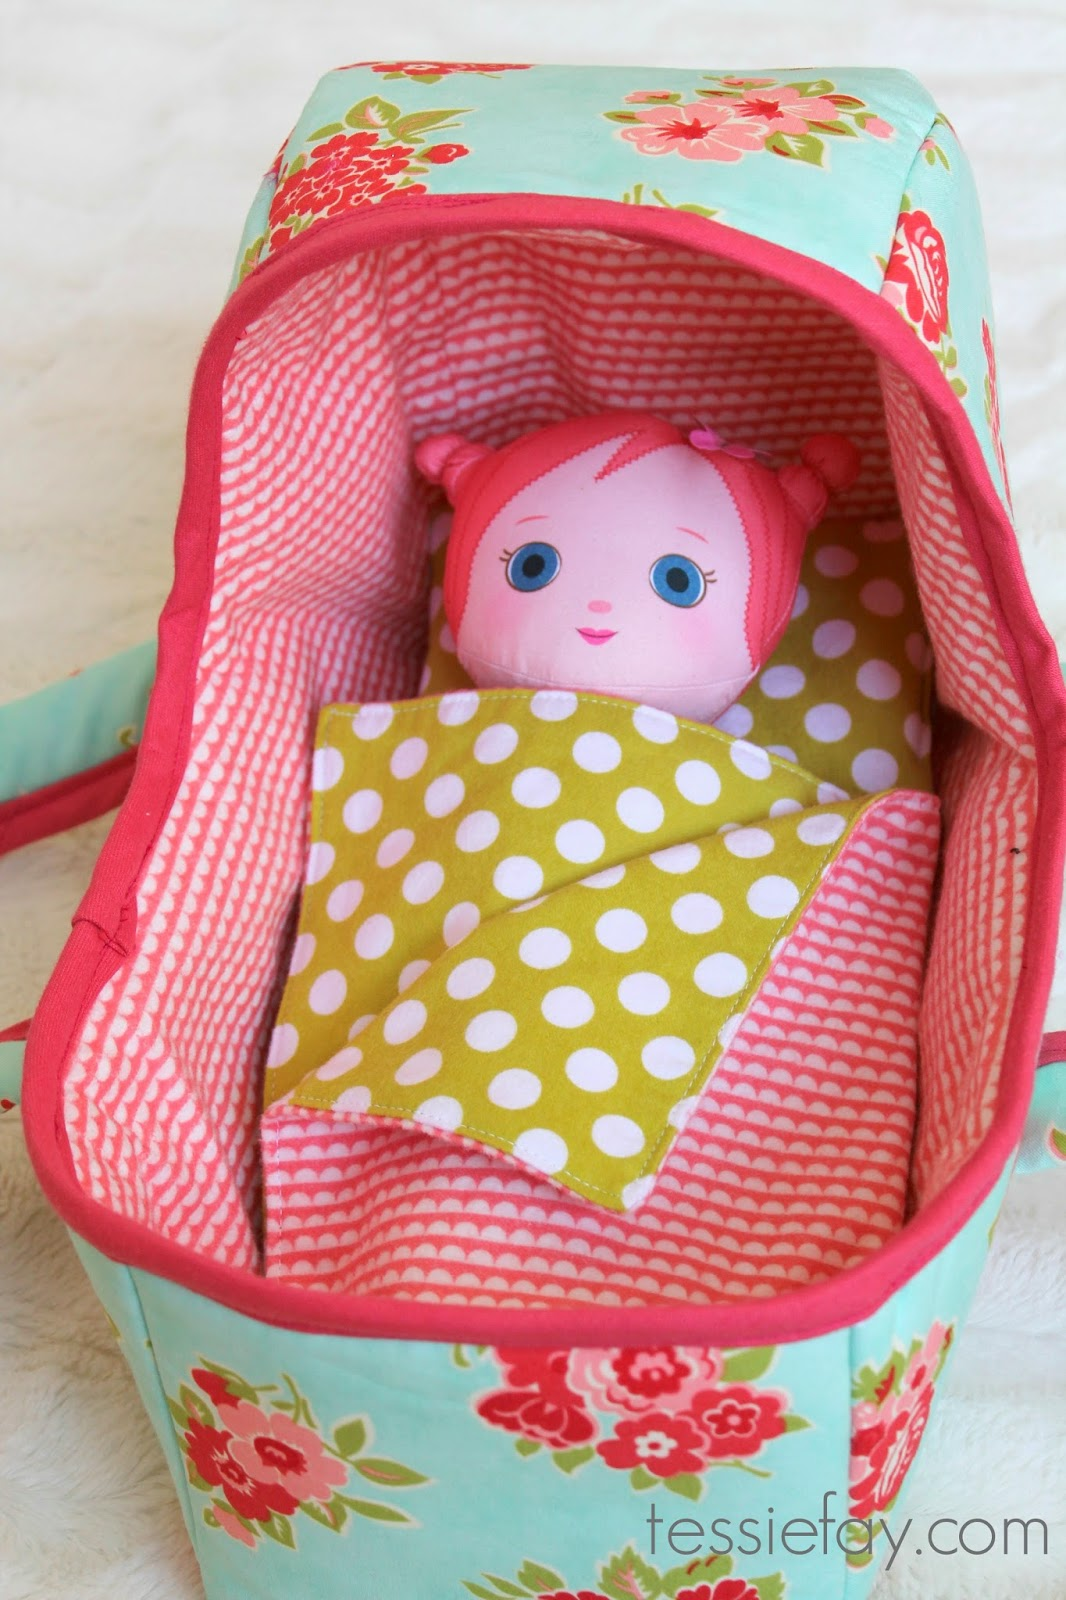 basket+with+reversible+blanket.jpg